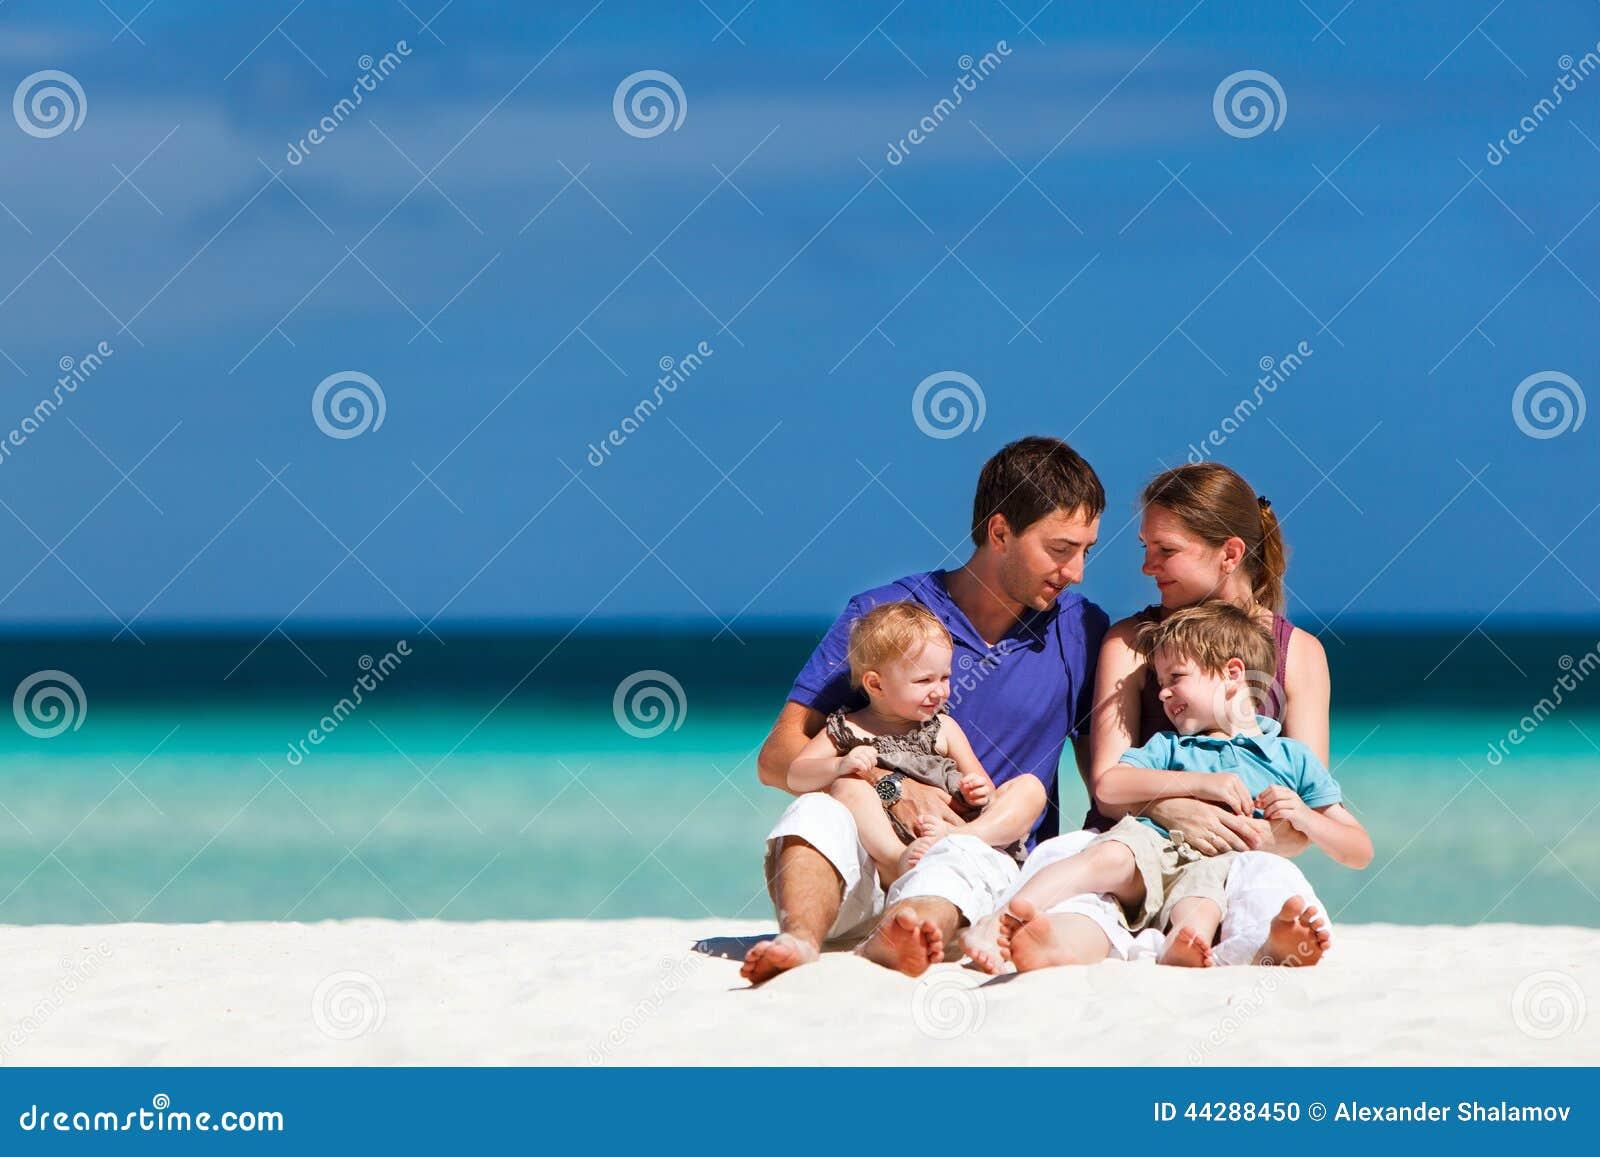 Familie auf Sommerferien